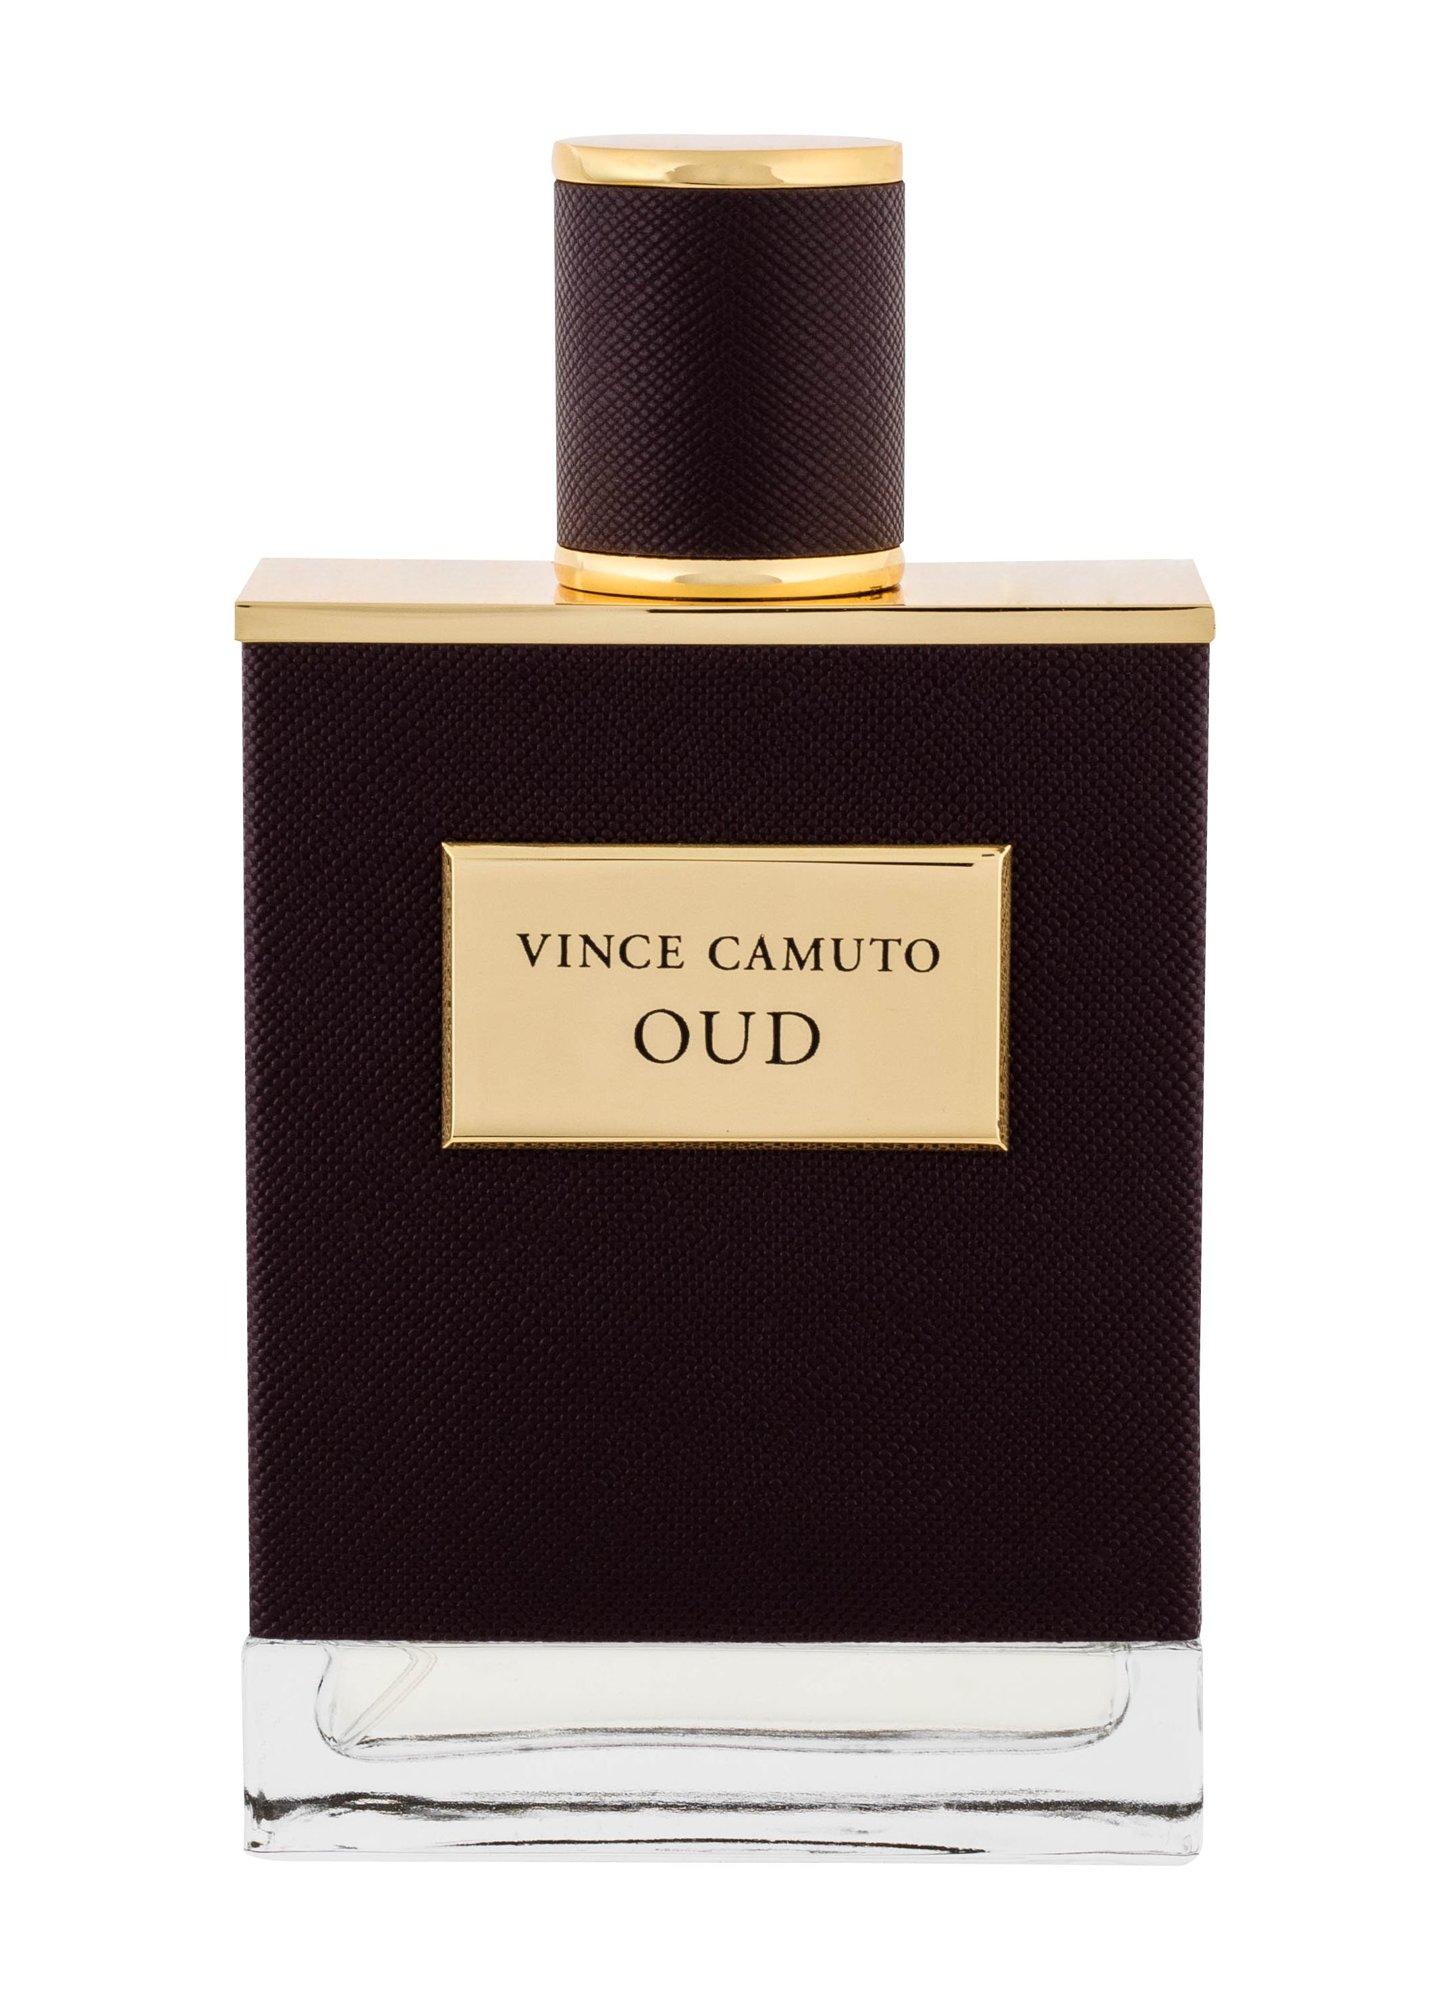 Vince Camuto Oud Eau de Toilette 100ml